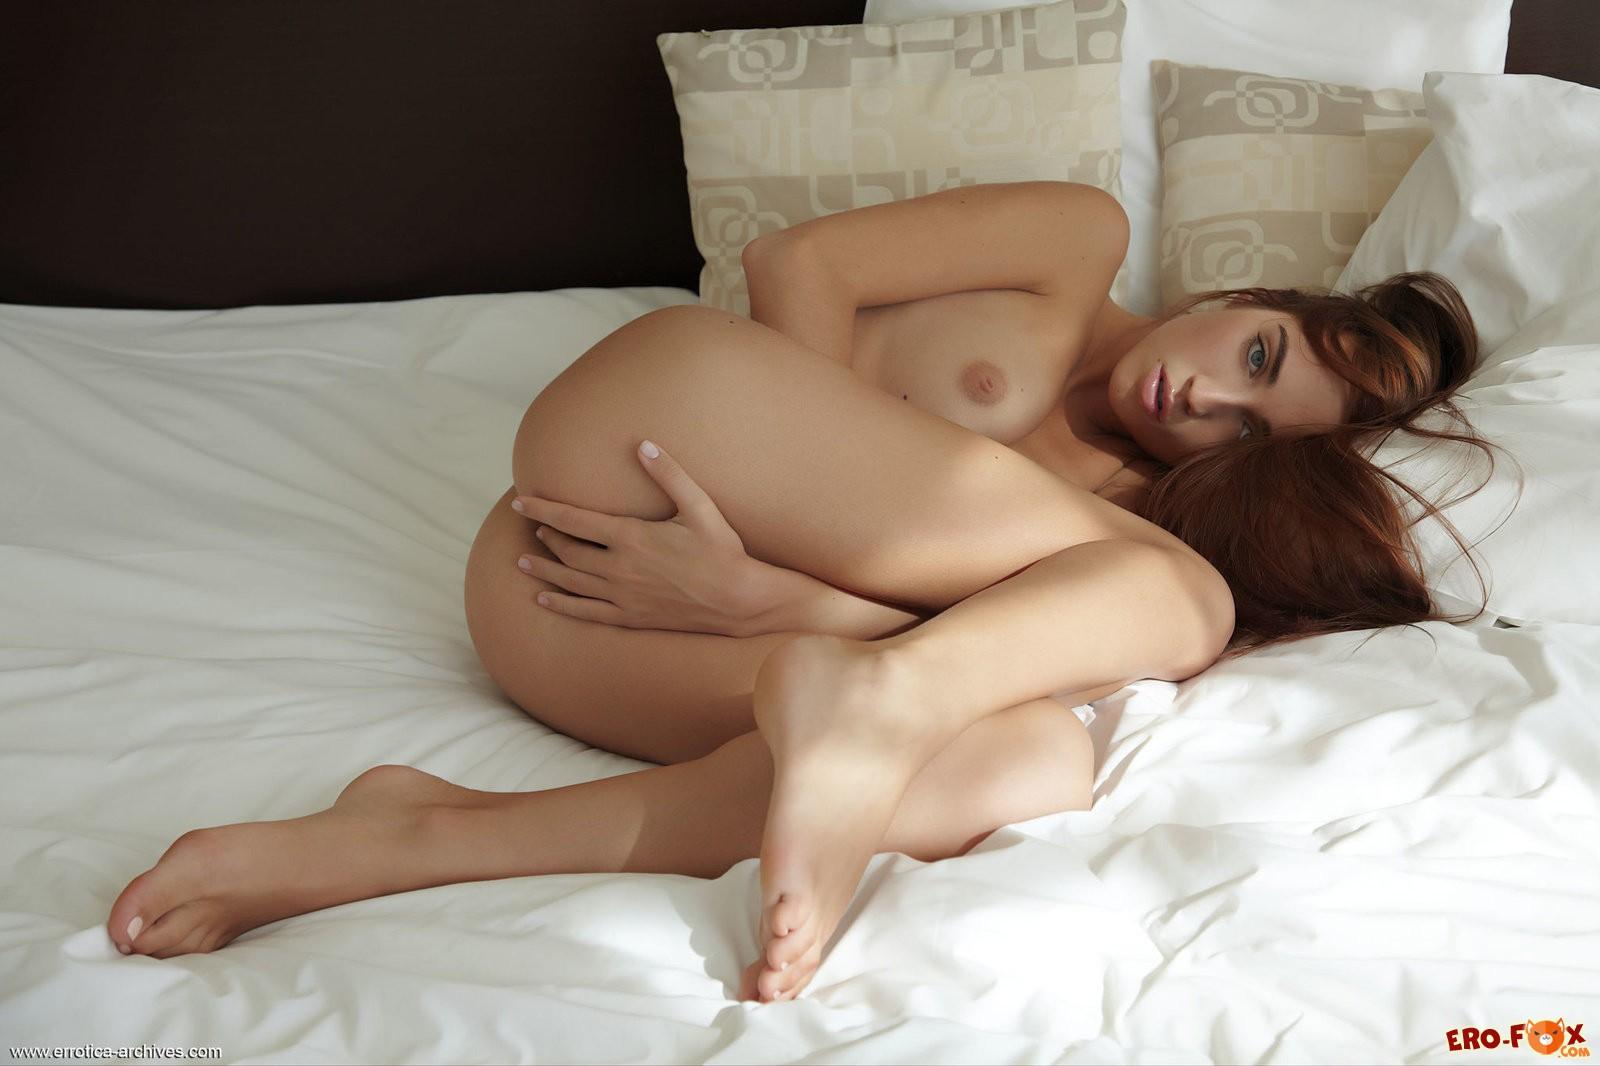 Рыжая бестия позирует в постели